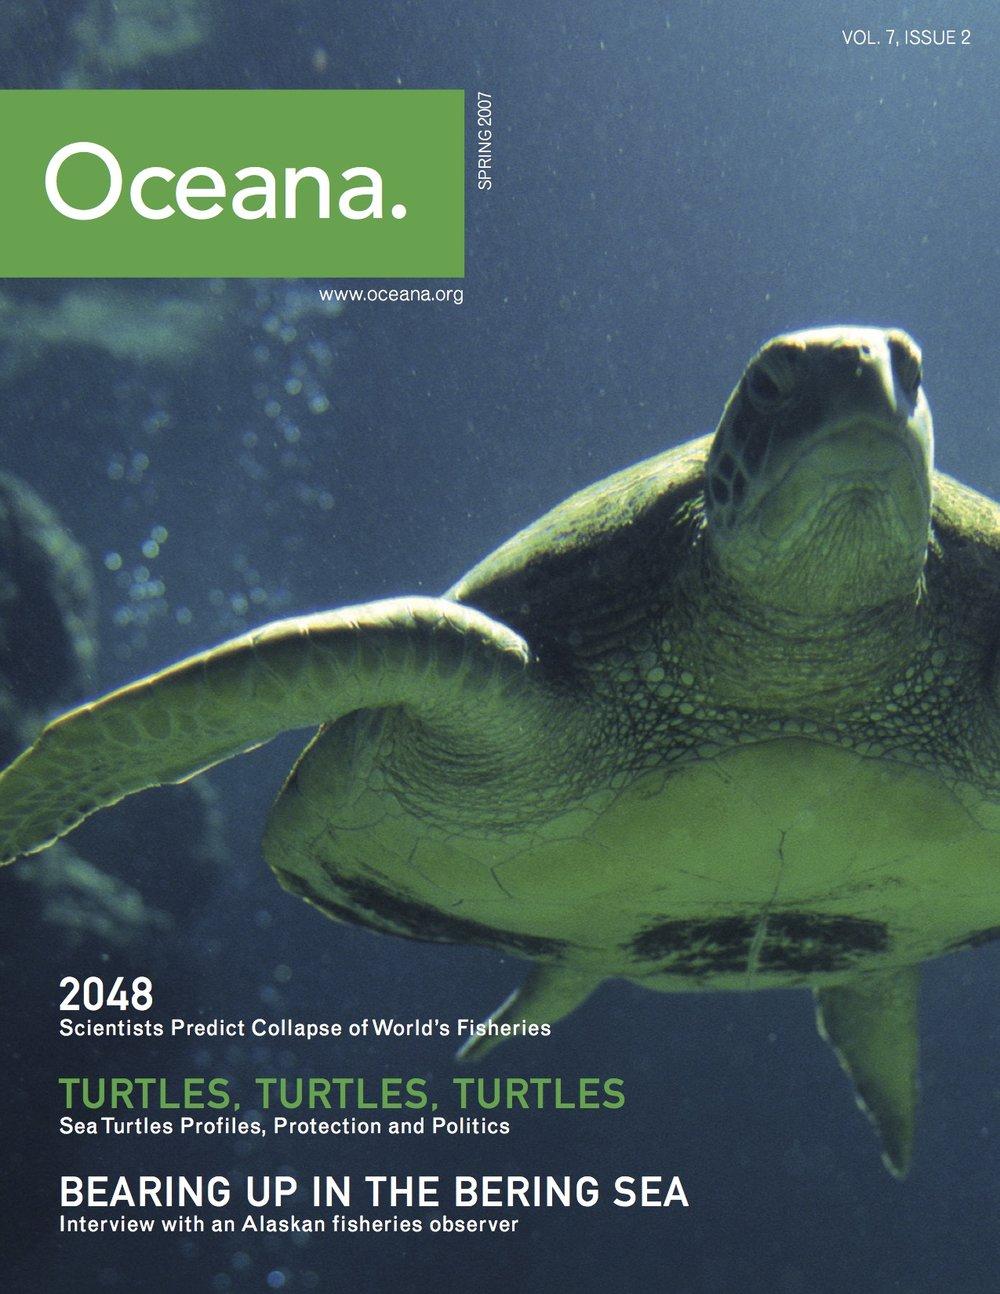 OceanaSpring07.jpg